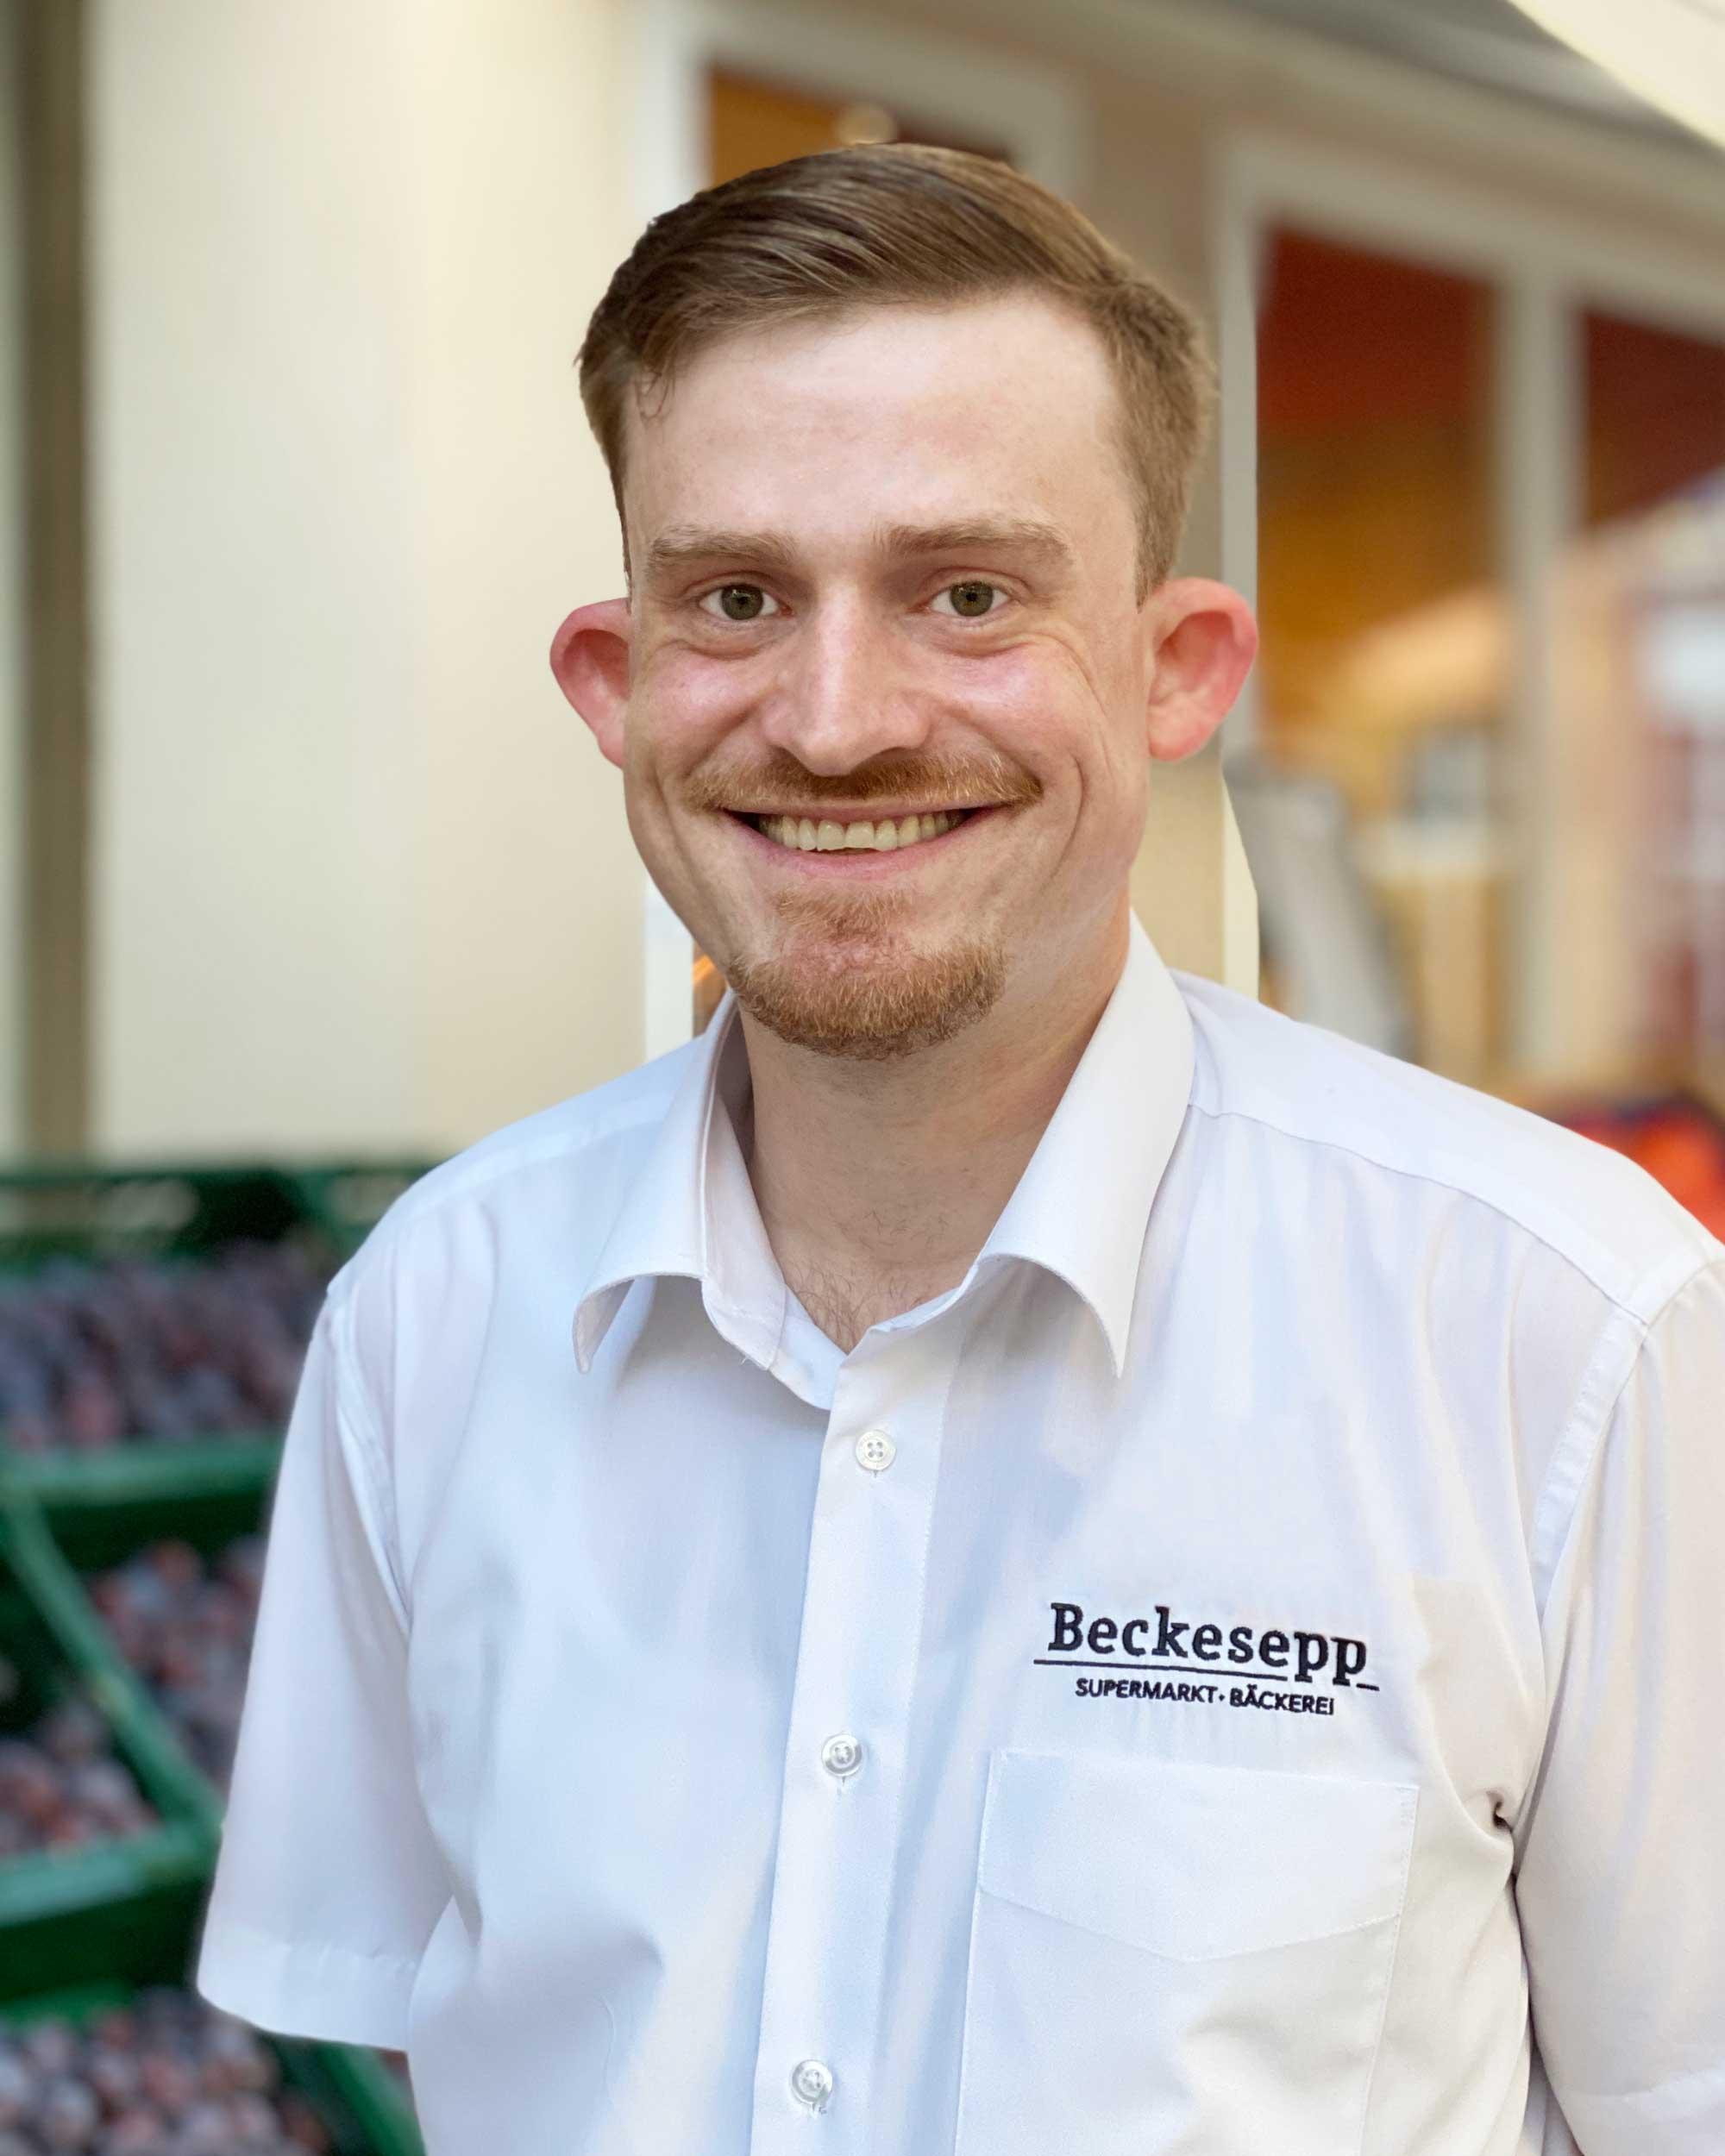 beckesepp-marktleiter-florian-boyng